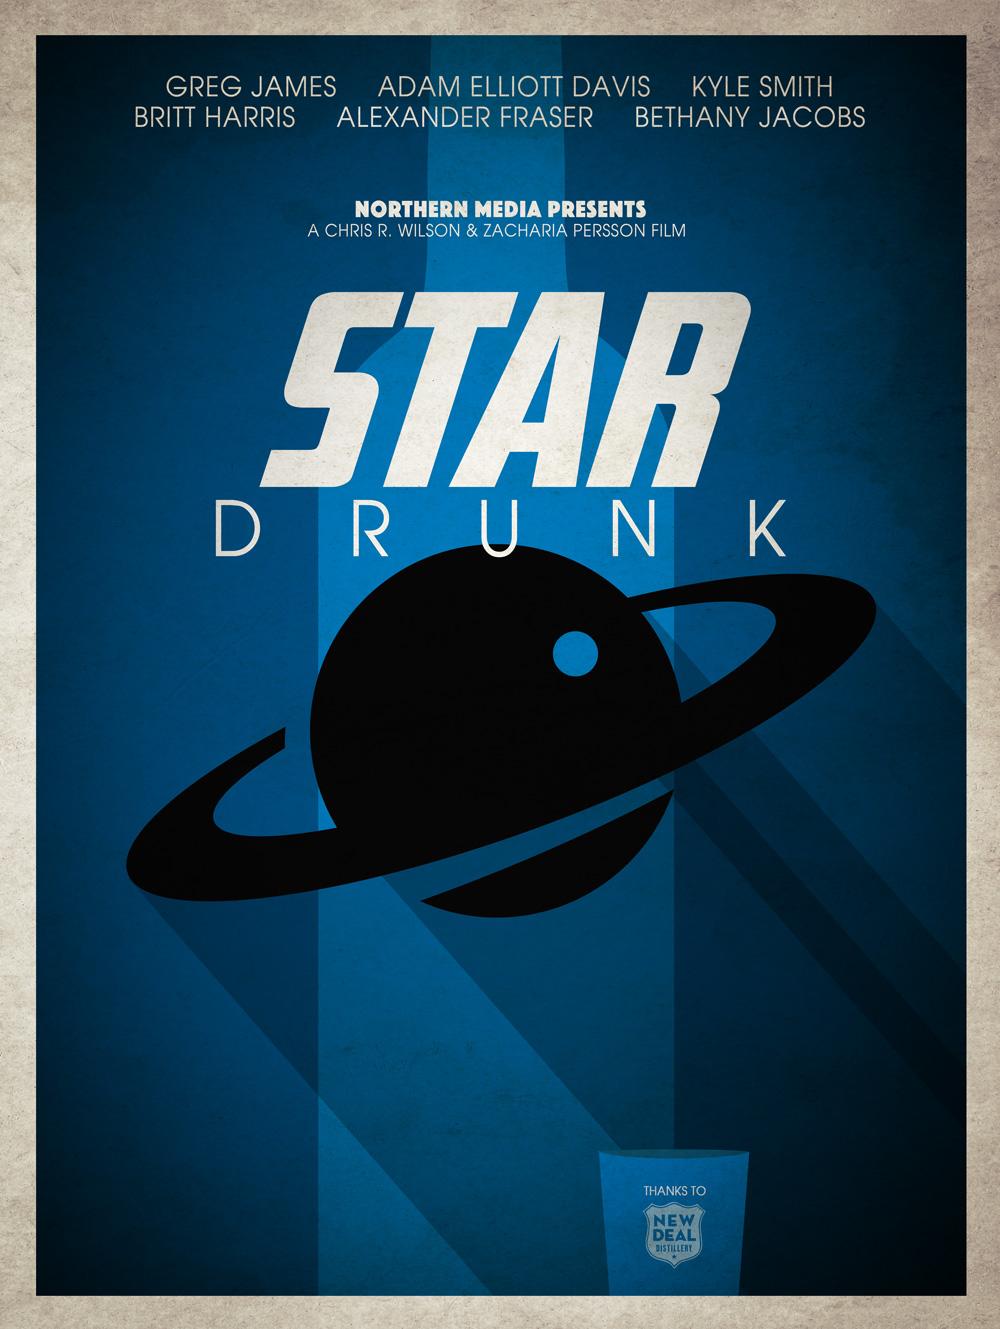 poster-star.jpg